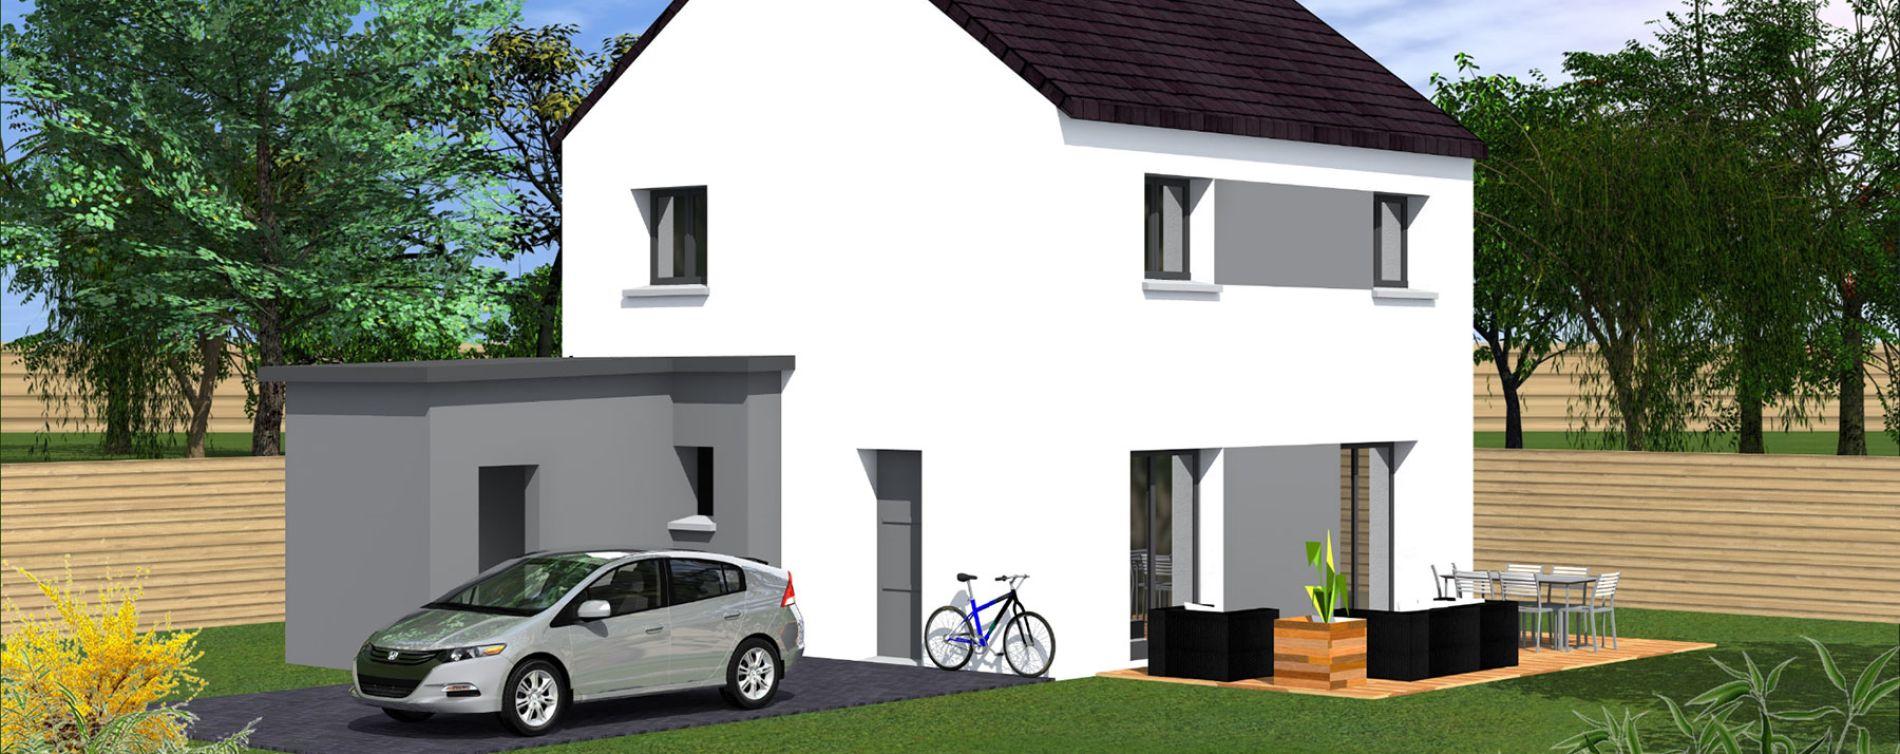 Saint-Pol-de-Léon : programme immobilier neuve « Île Blanche » (2)